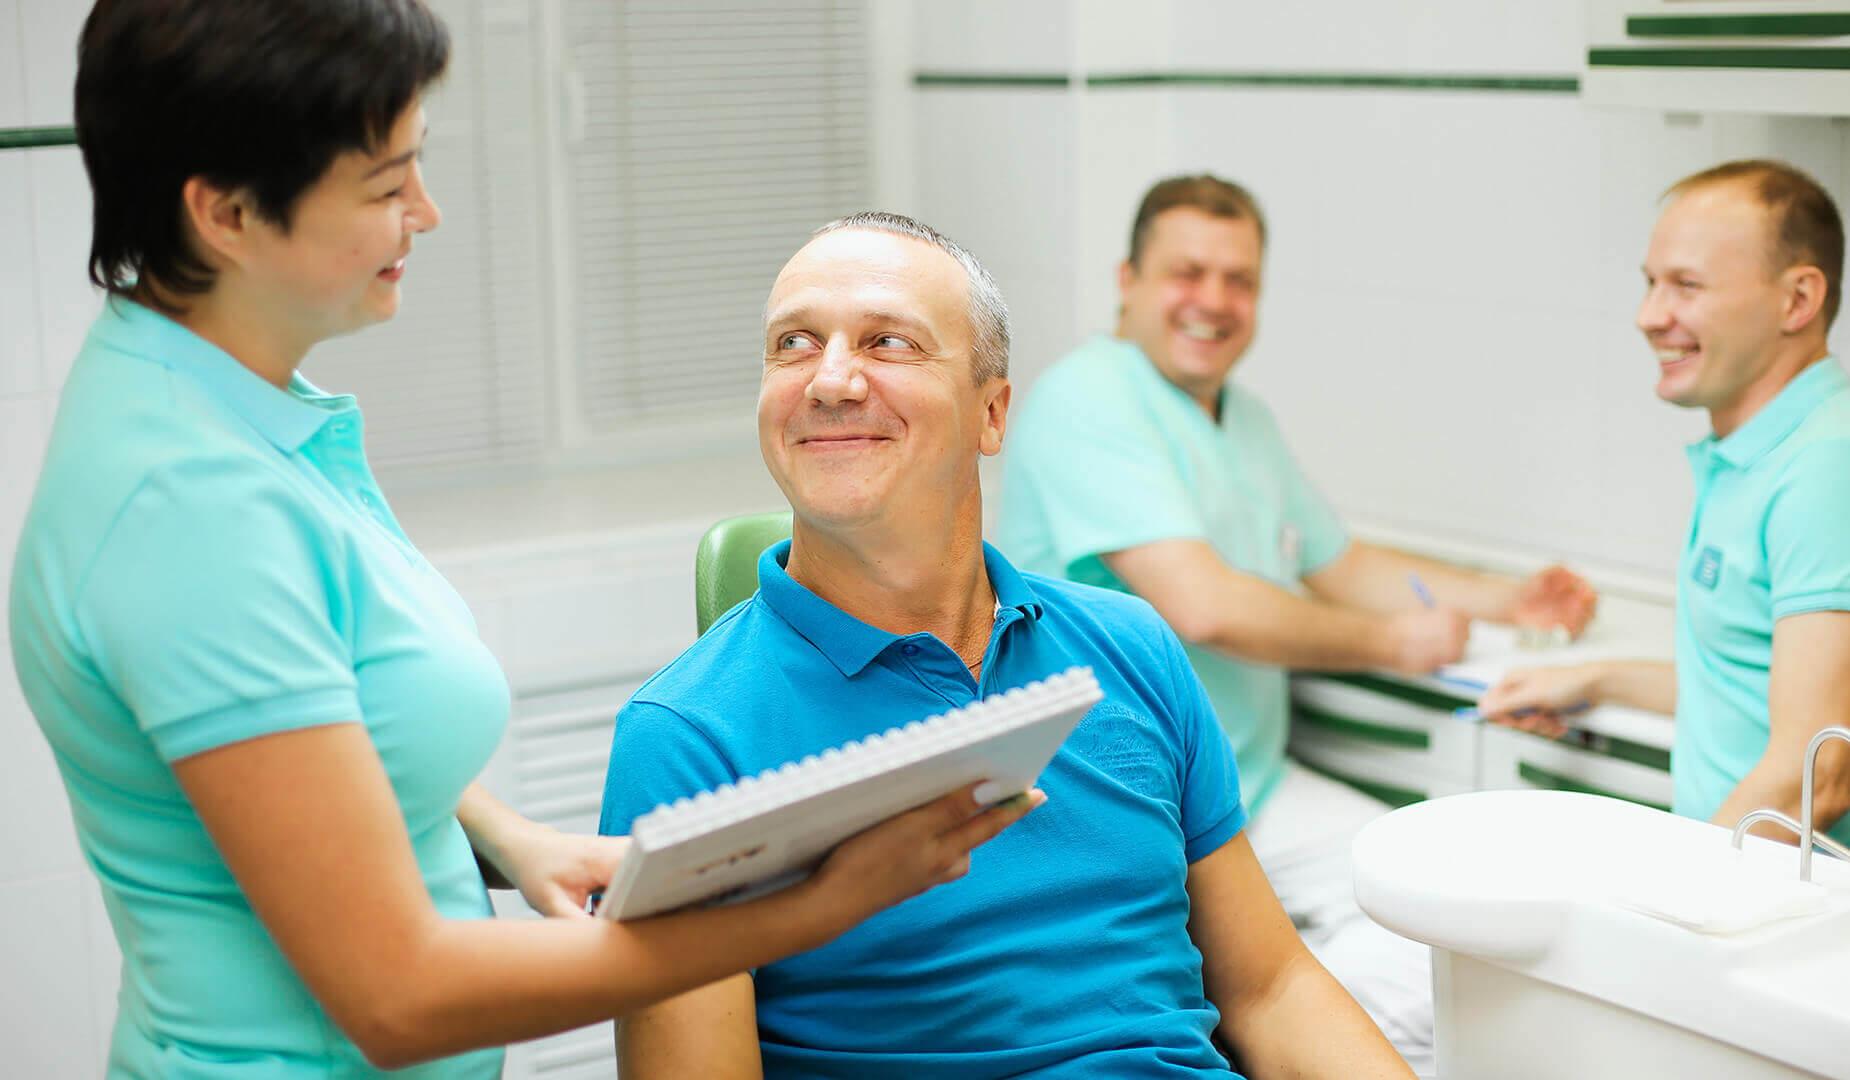 Пациенту расссказывают о правилах ухода после операции